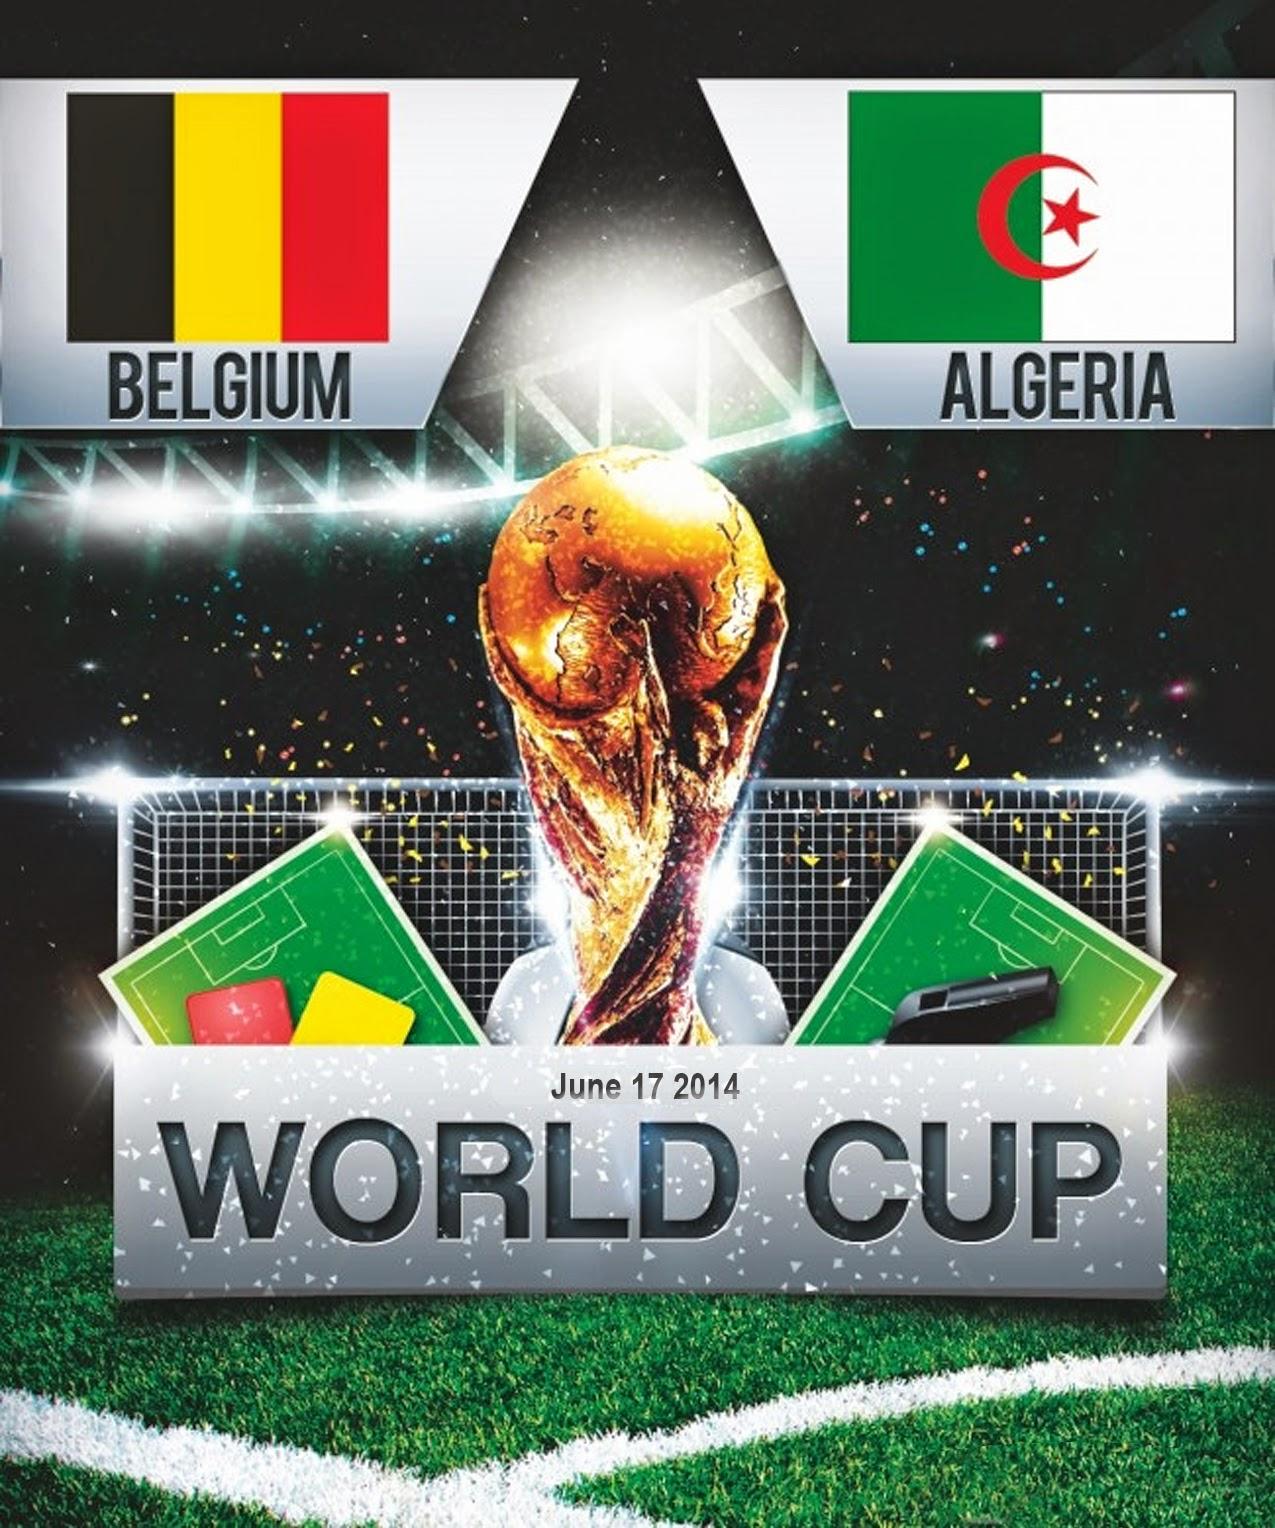 FIFA Wolrd Cup 2014 - Belgium Vs Algeria